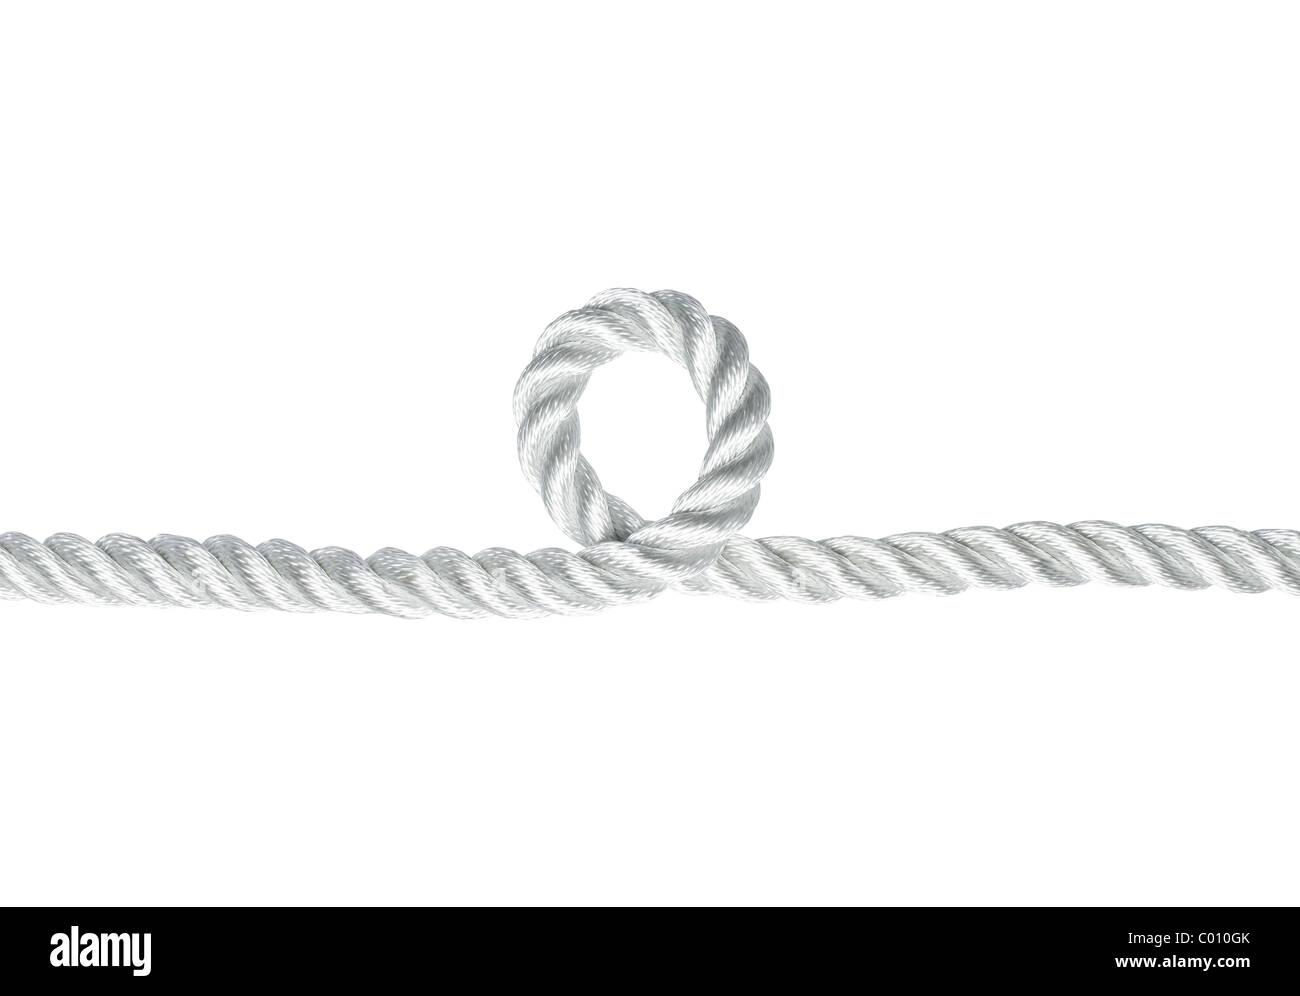 Nylon-Seil mit einem Schlupfloch, isoliert auf weiss Stockbild